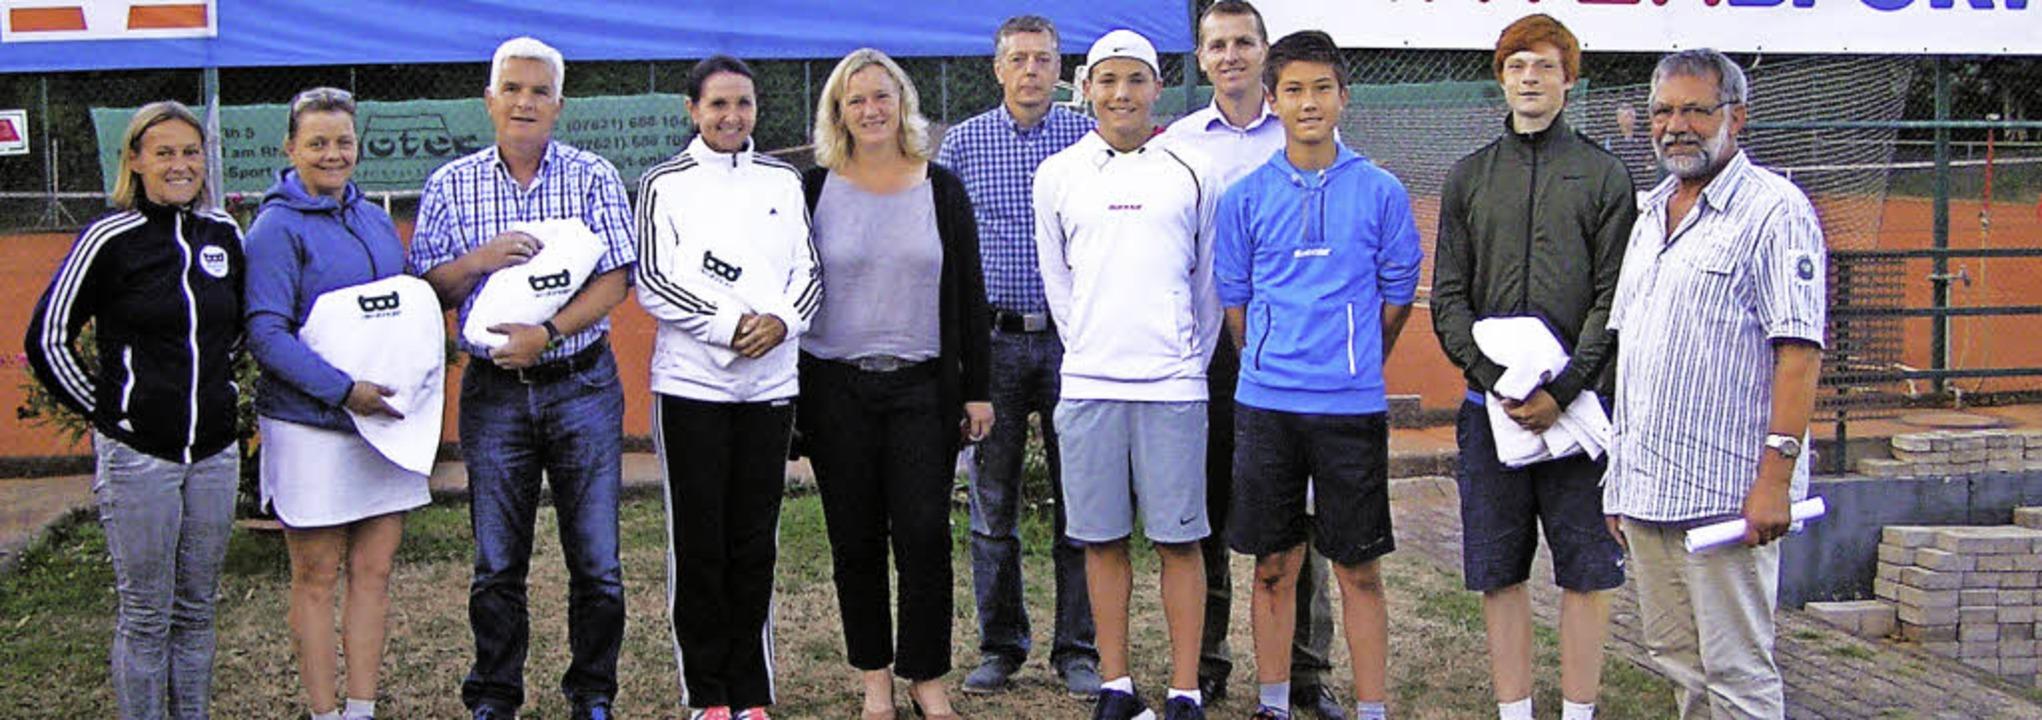 Vorsitzende Gabi Furtwängler (links) u...n die letzten Finalspiele ausgetragen.  | Foto: Felber